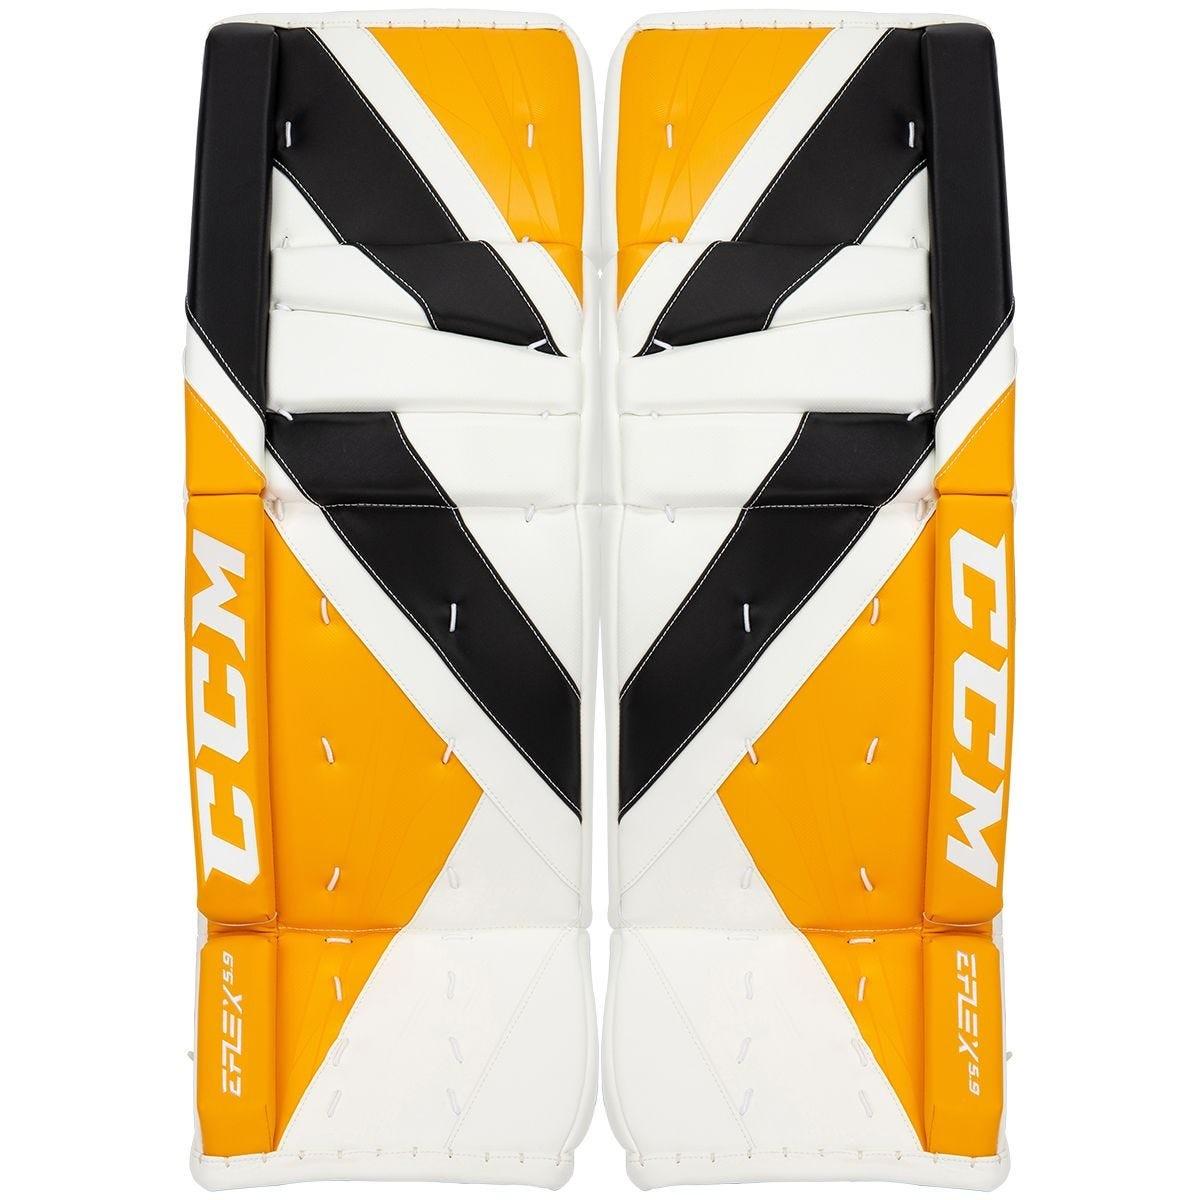 CCM Extreme Flex E5.9 Senior Goalie Leg Pads